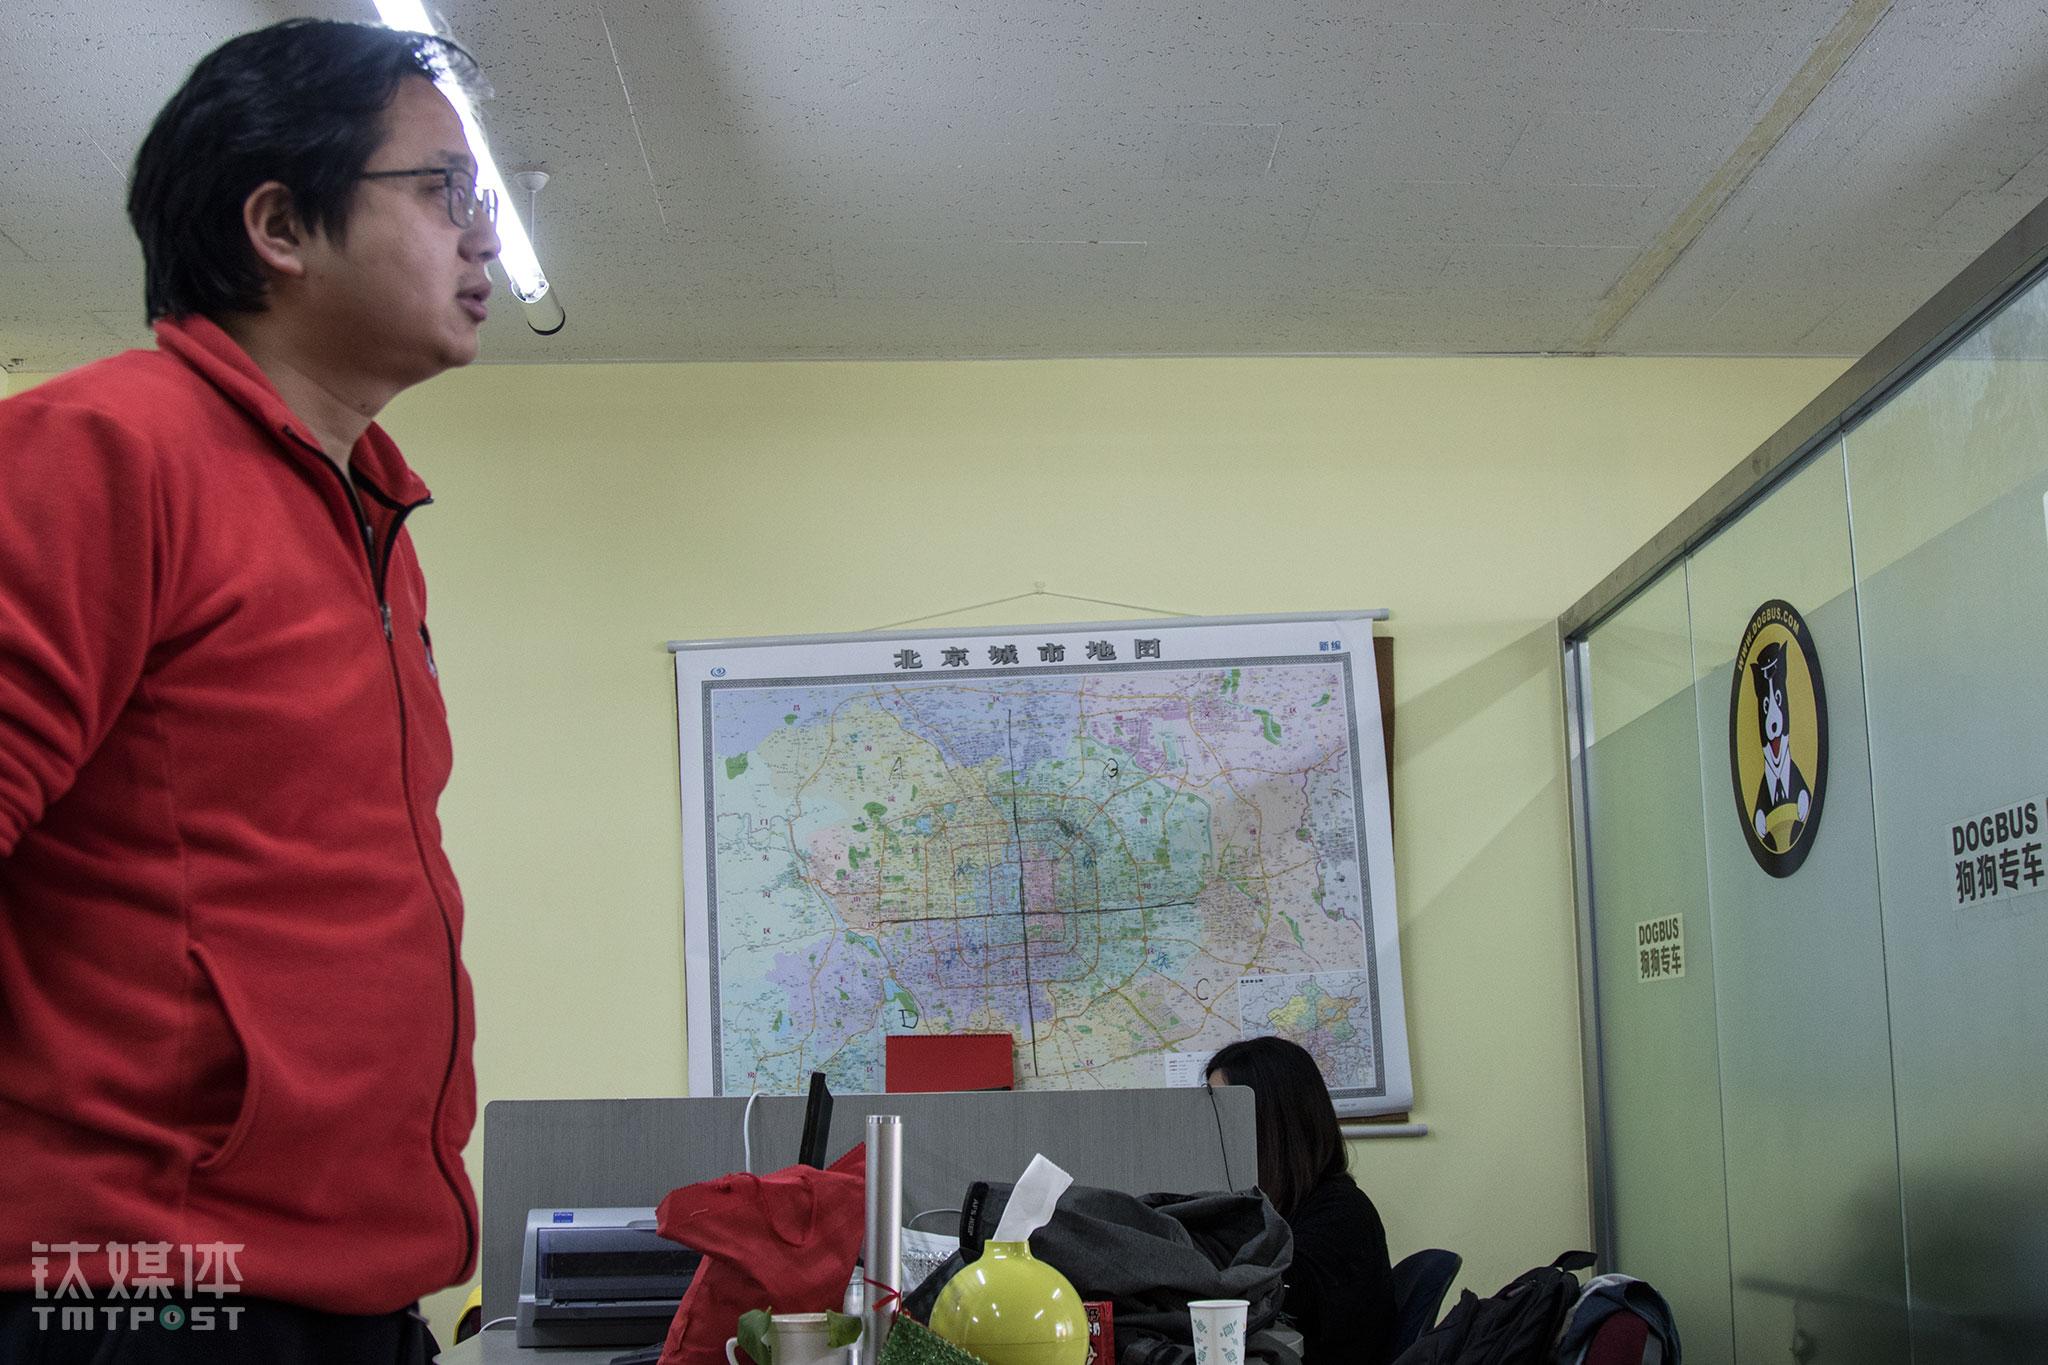 2016年2月,狗狗专车创始人吴雅辉在办公室。当时,这家创业公司有狗狗家教、狗狗托运、狗狗学校、狗狗寄养、狗狗专车等板块的业务。办公室的北京地图,被分出四块市场区域。在这间简陋的办公室,每个人都怀着要将北京地图换成中国地图,做全国市场的雄心壮志。(一份狗狗们的「体面」生活指南)